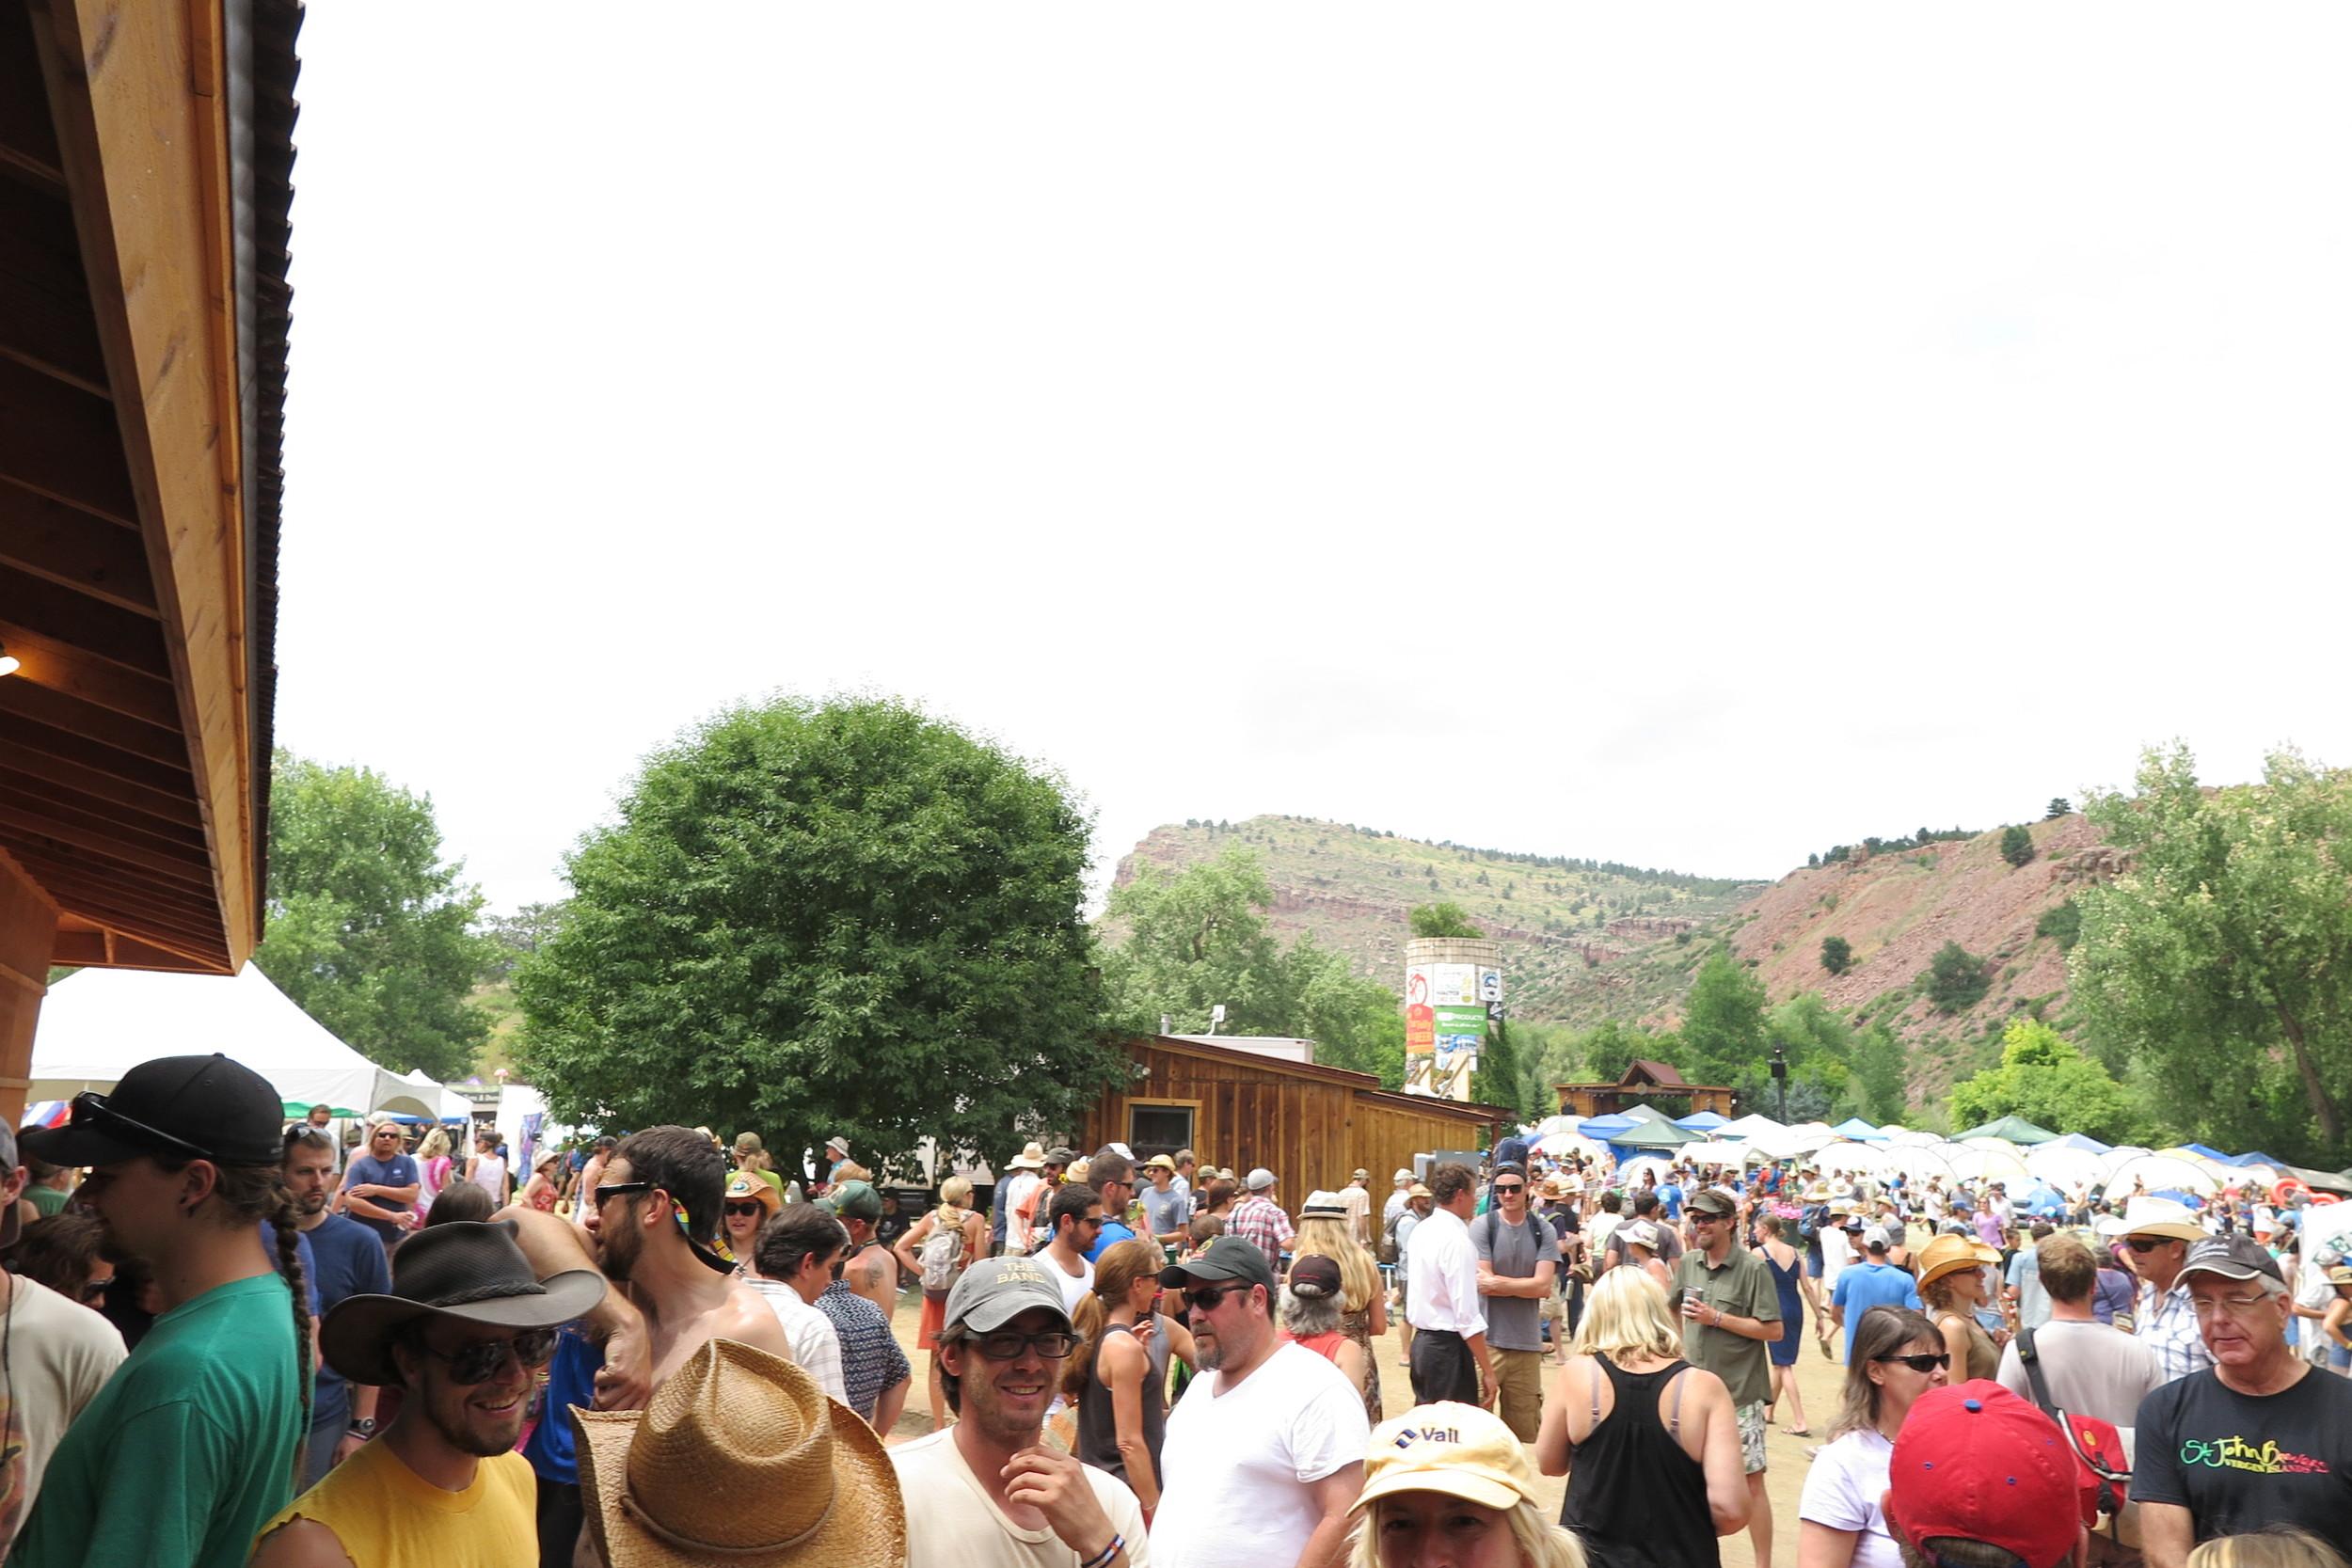 7-Crowd Outside Mayflower .JPG